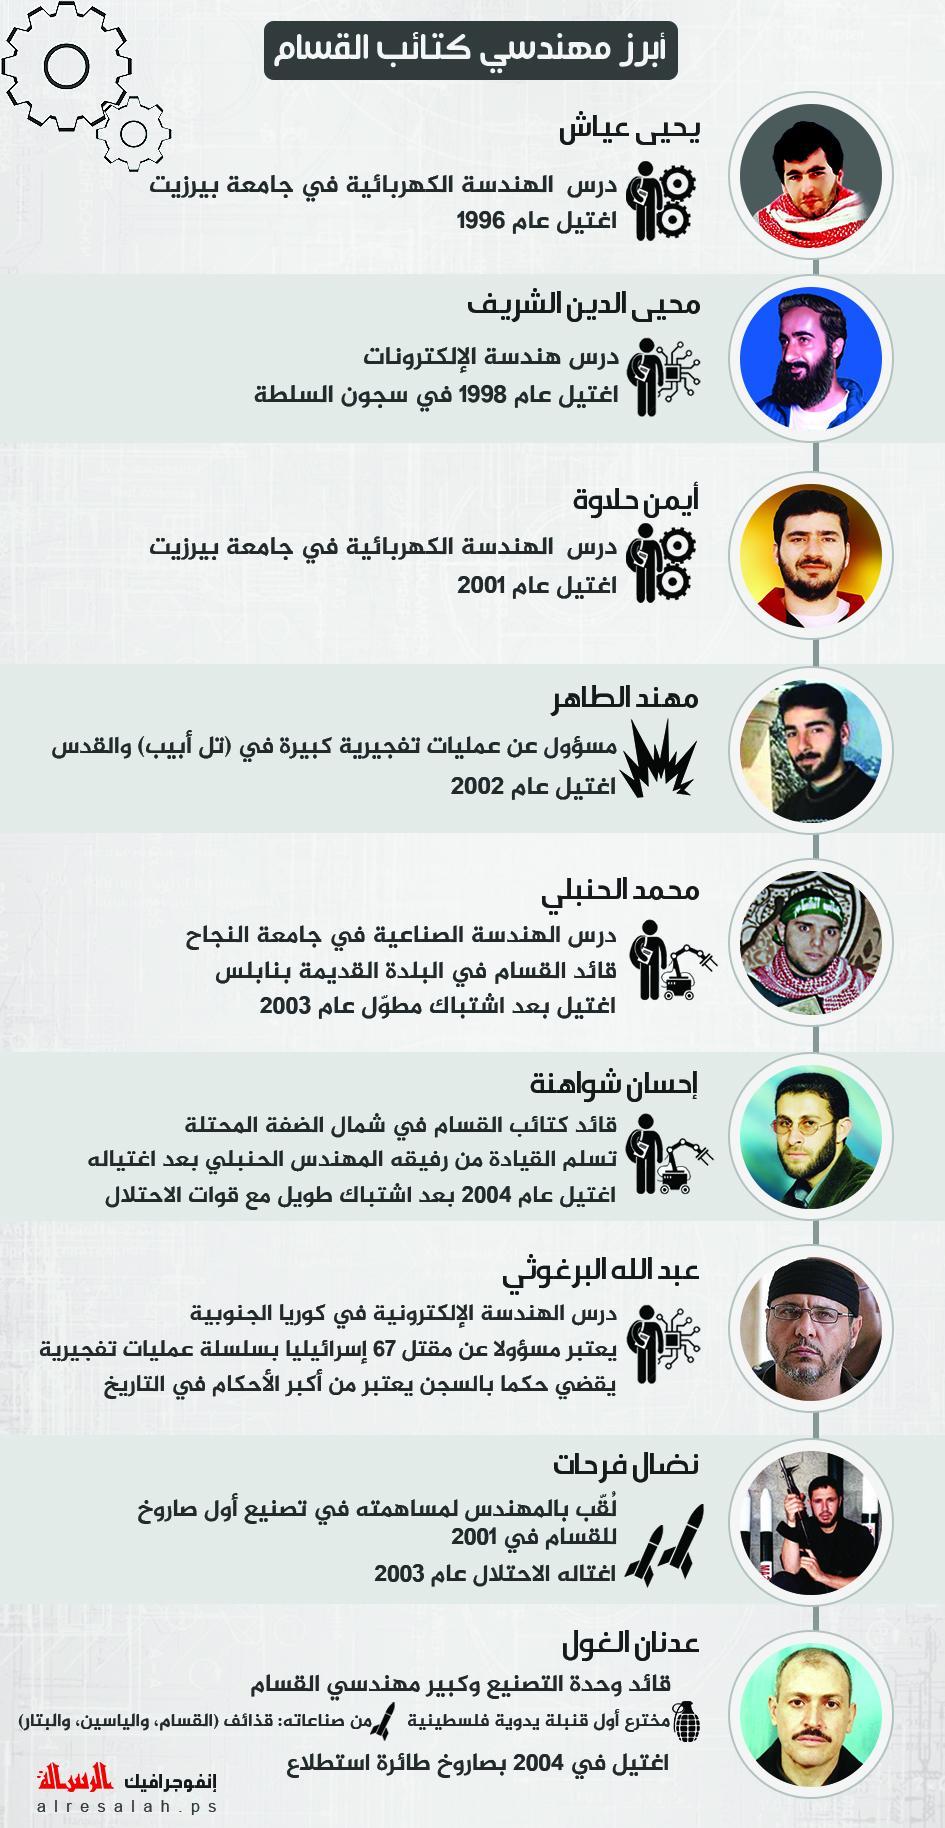 درع النجاح رجال mp3 و  فيديو mp4 نابلس القسام  448620003